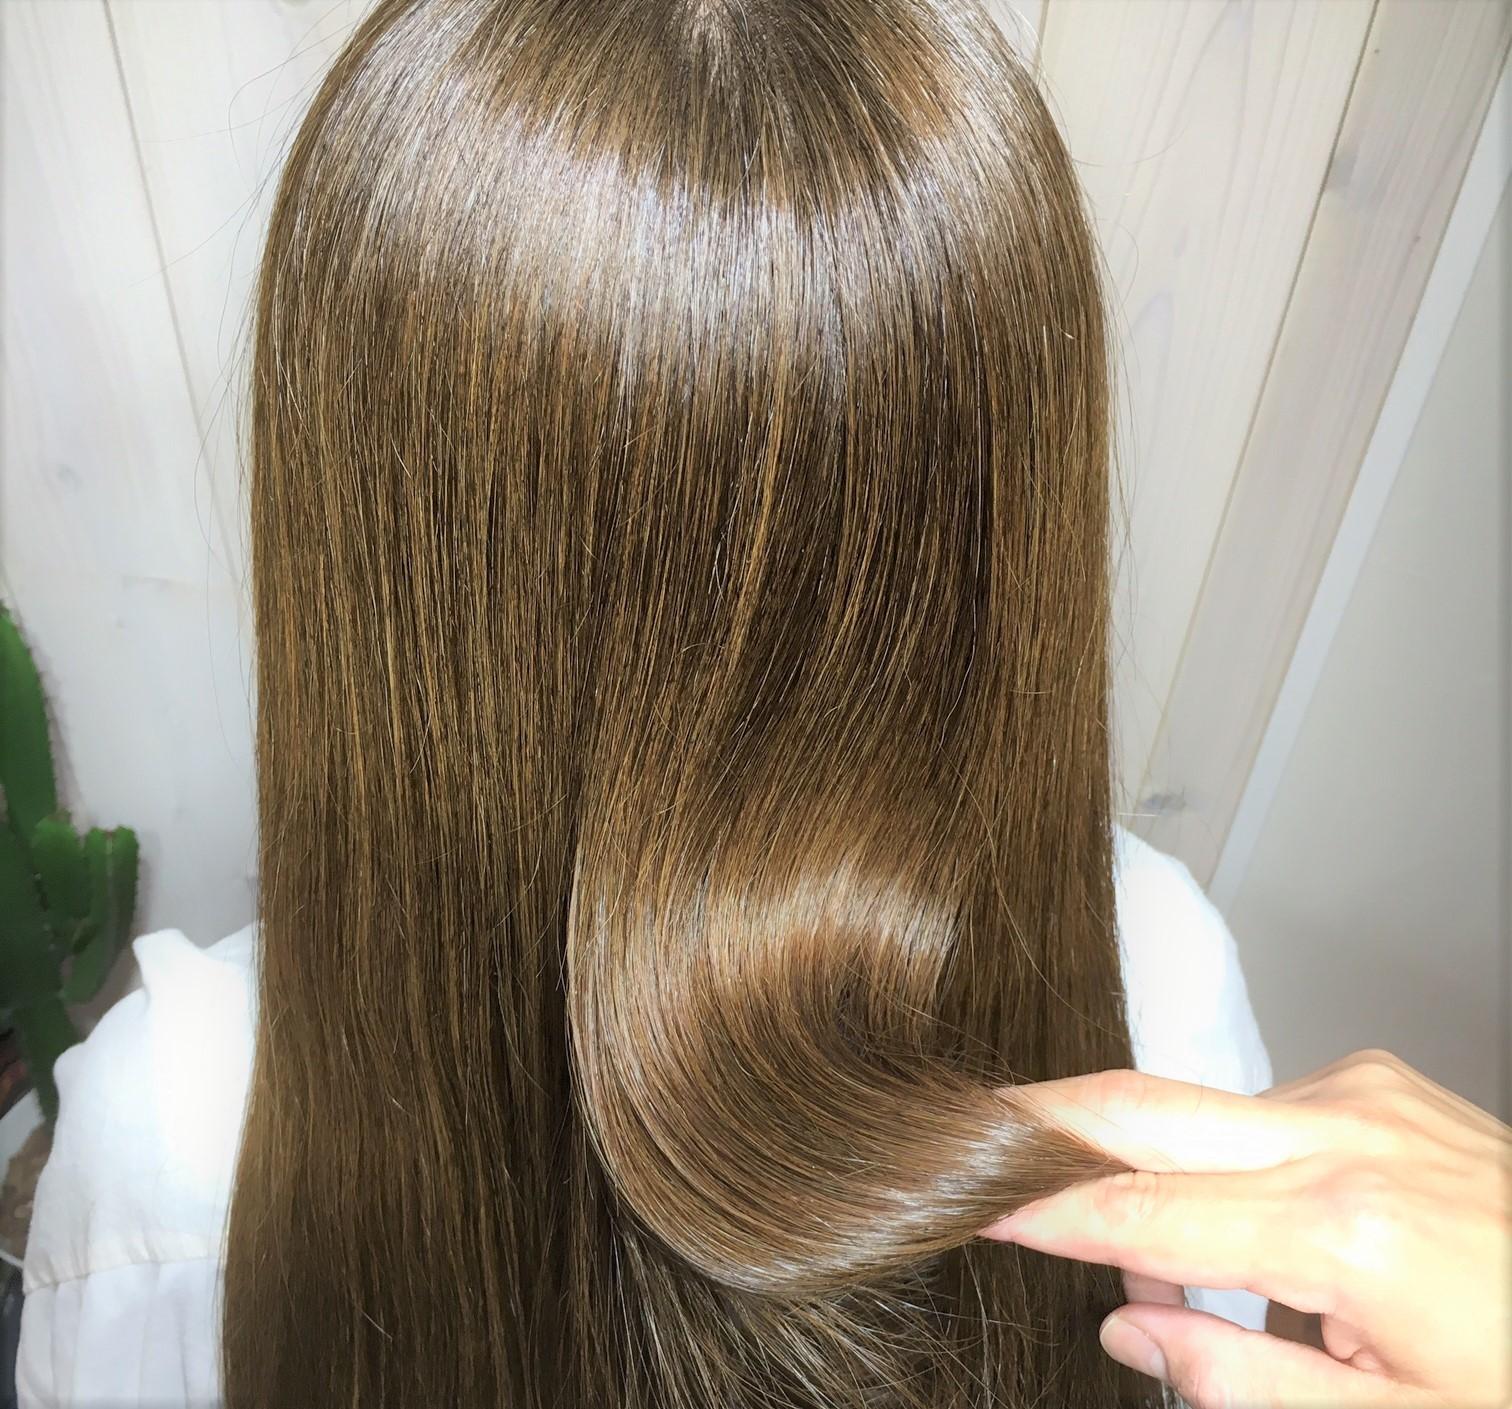 話題の新感覚カラー<髪質改善フルボ酸カラー>で美しいツヤ感と理想の色味を同時に手に入れられる◎